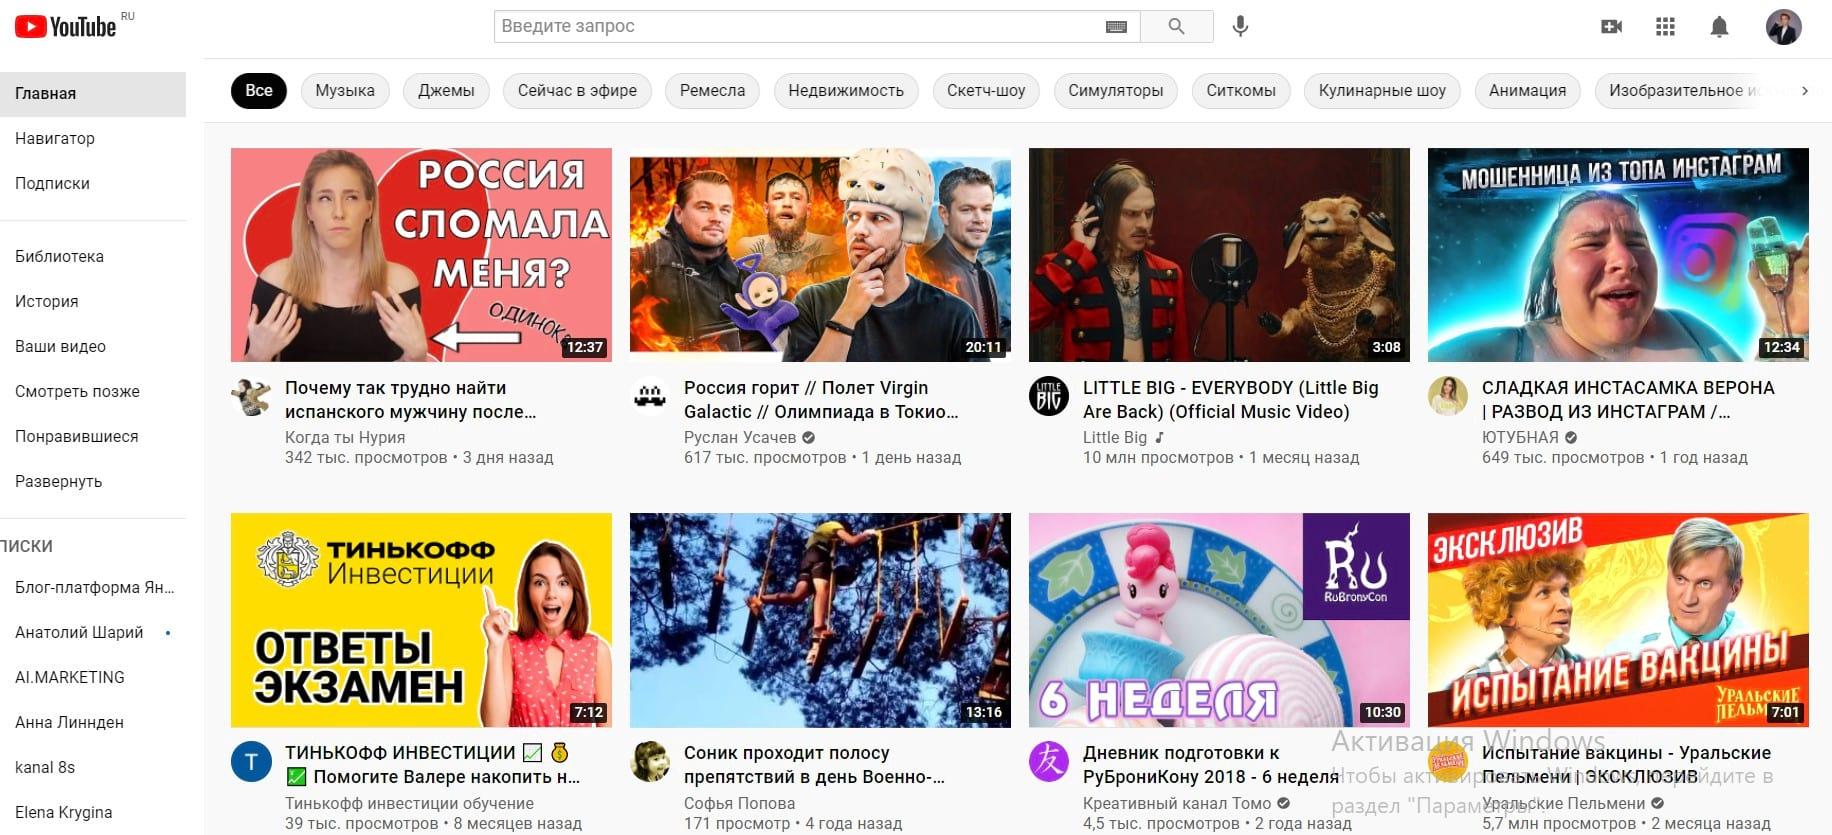 Ютуб – площадка с миллионами видео и миллиардами просмотров